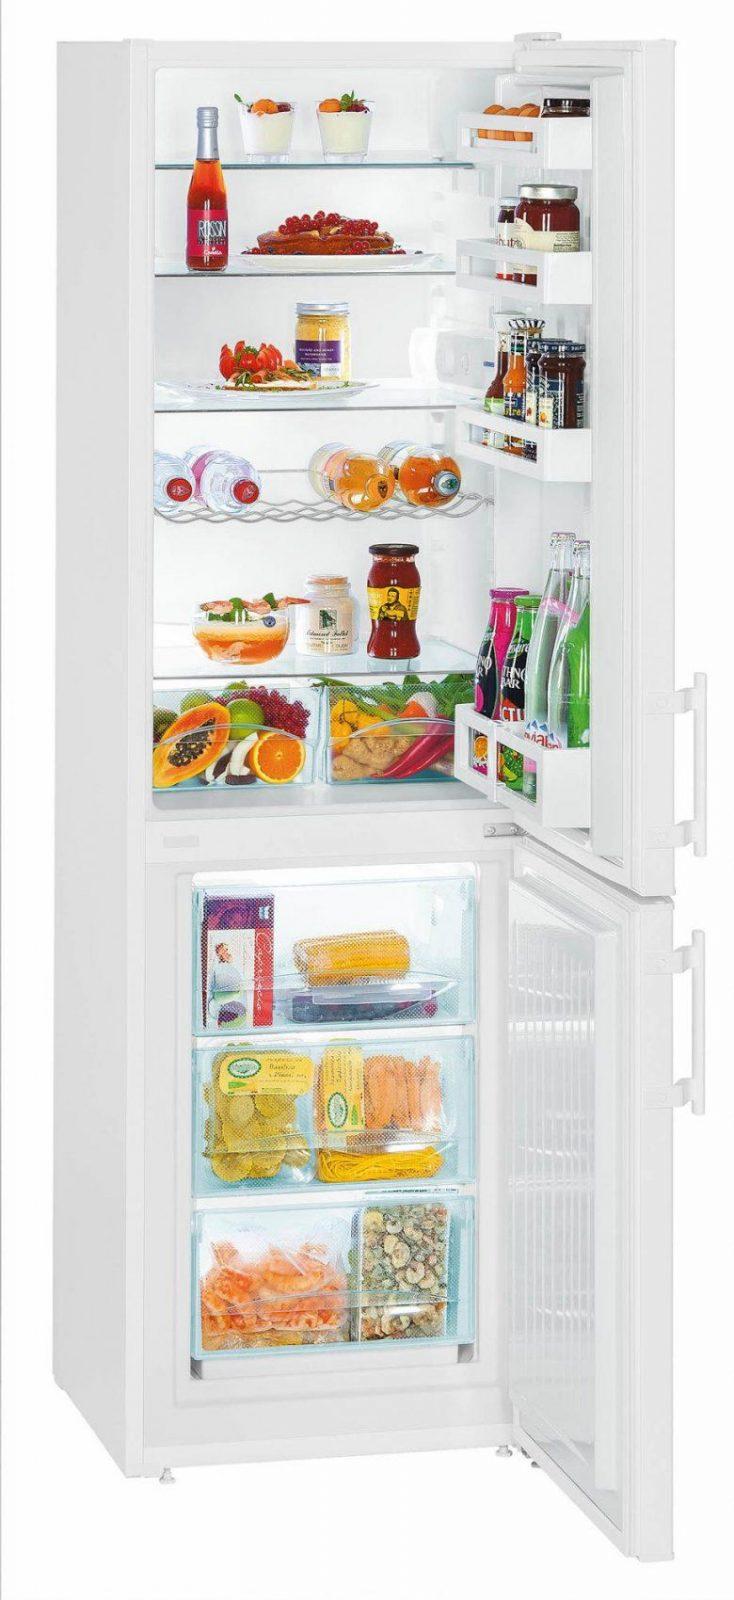 Liebherr Cu 331120 A++ Kühlgefrierkombination Weiß 55 Cm Breit von Kühlschränke 55 Cm Breit Photo